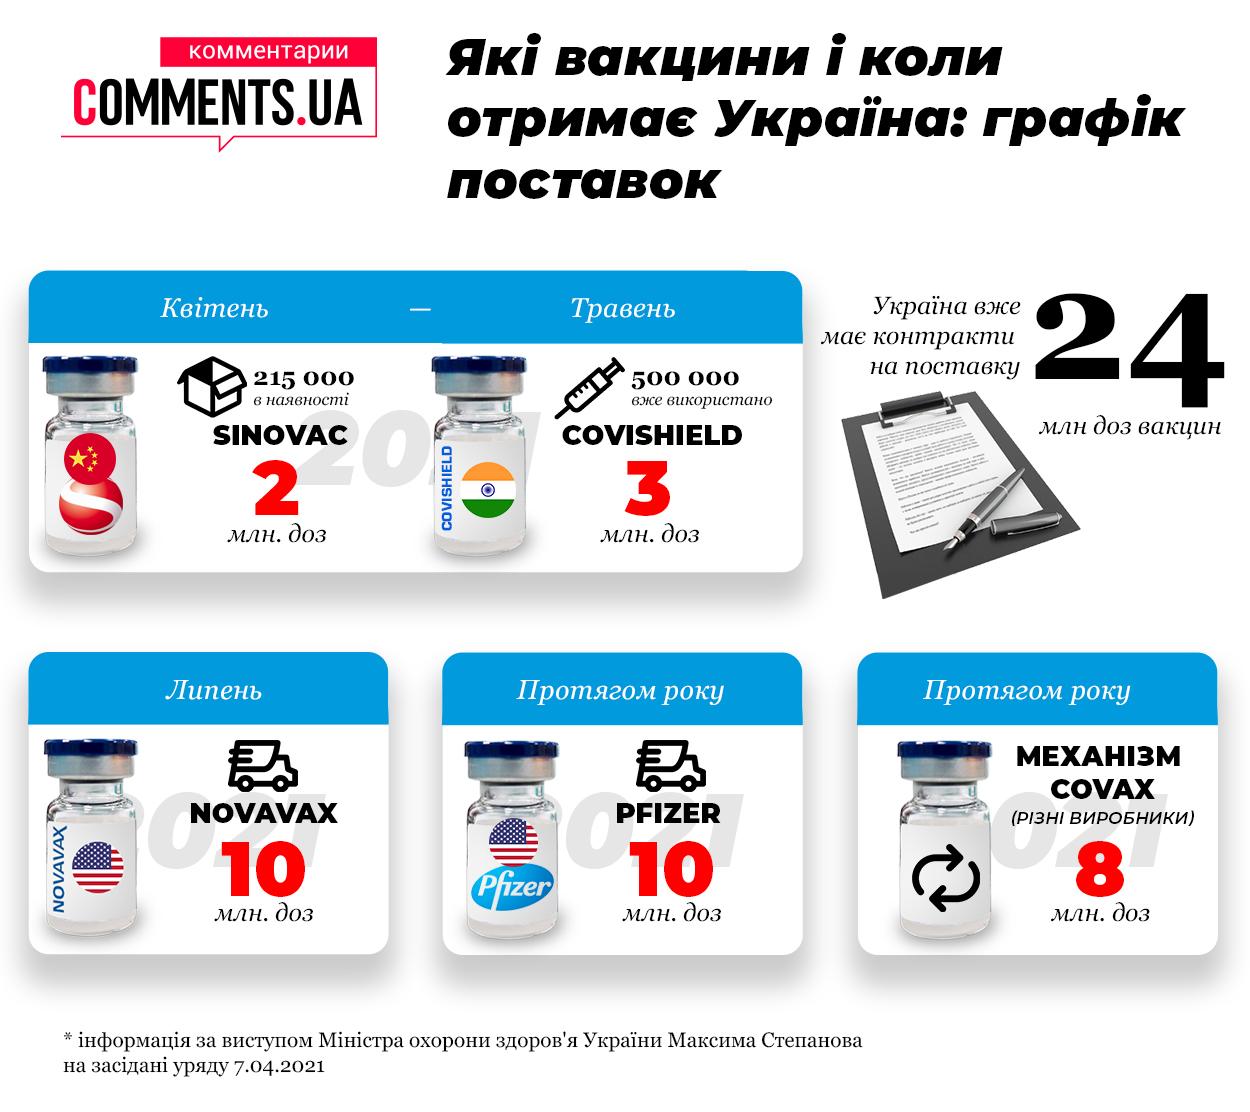 Какие вакцины и когда получит Украина: график поставок (инфографика)